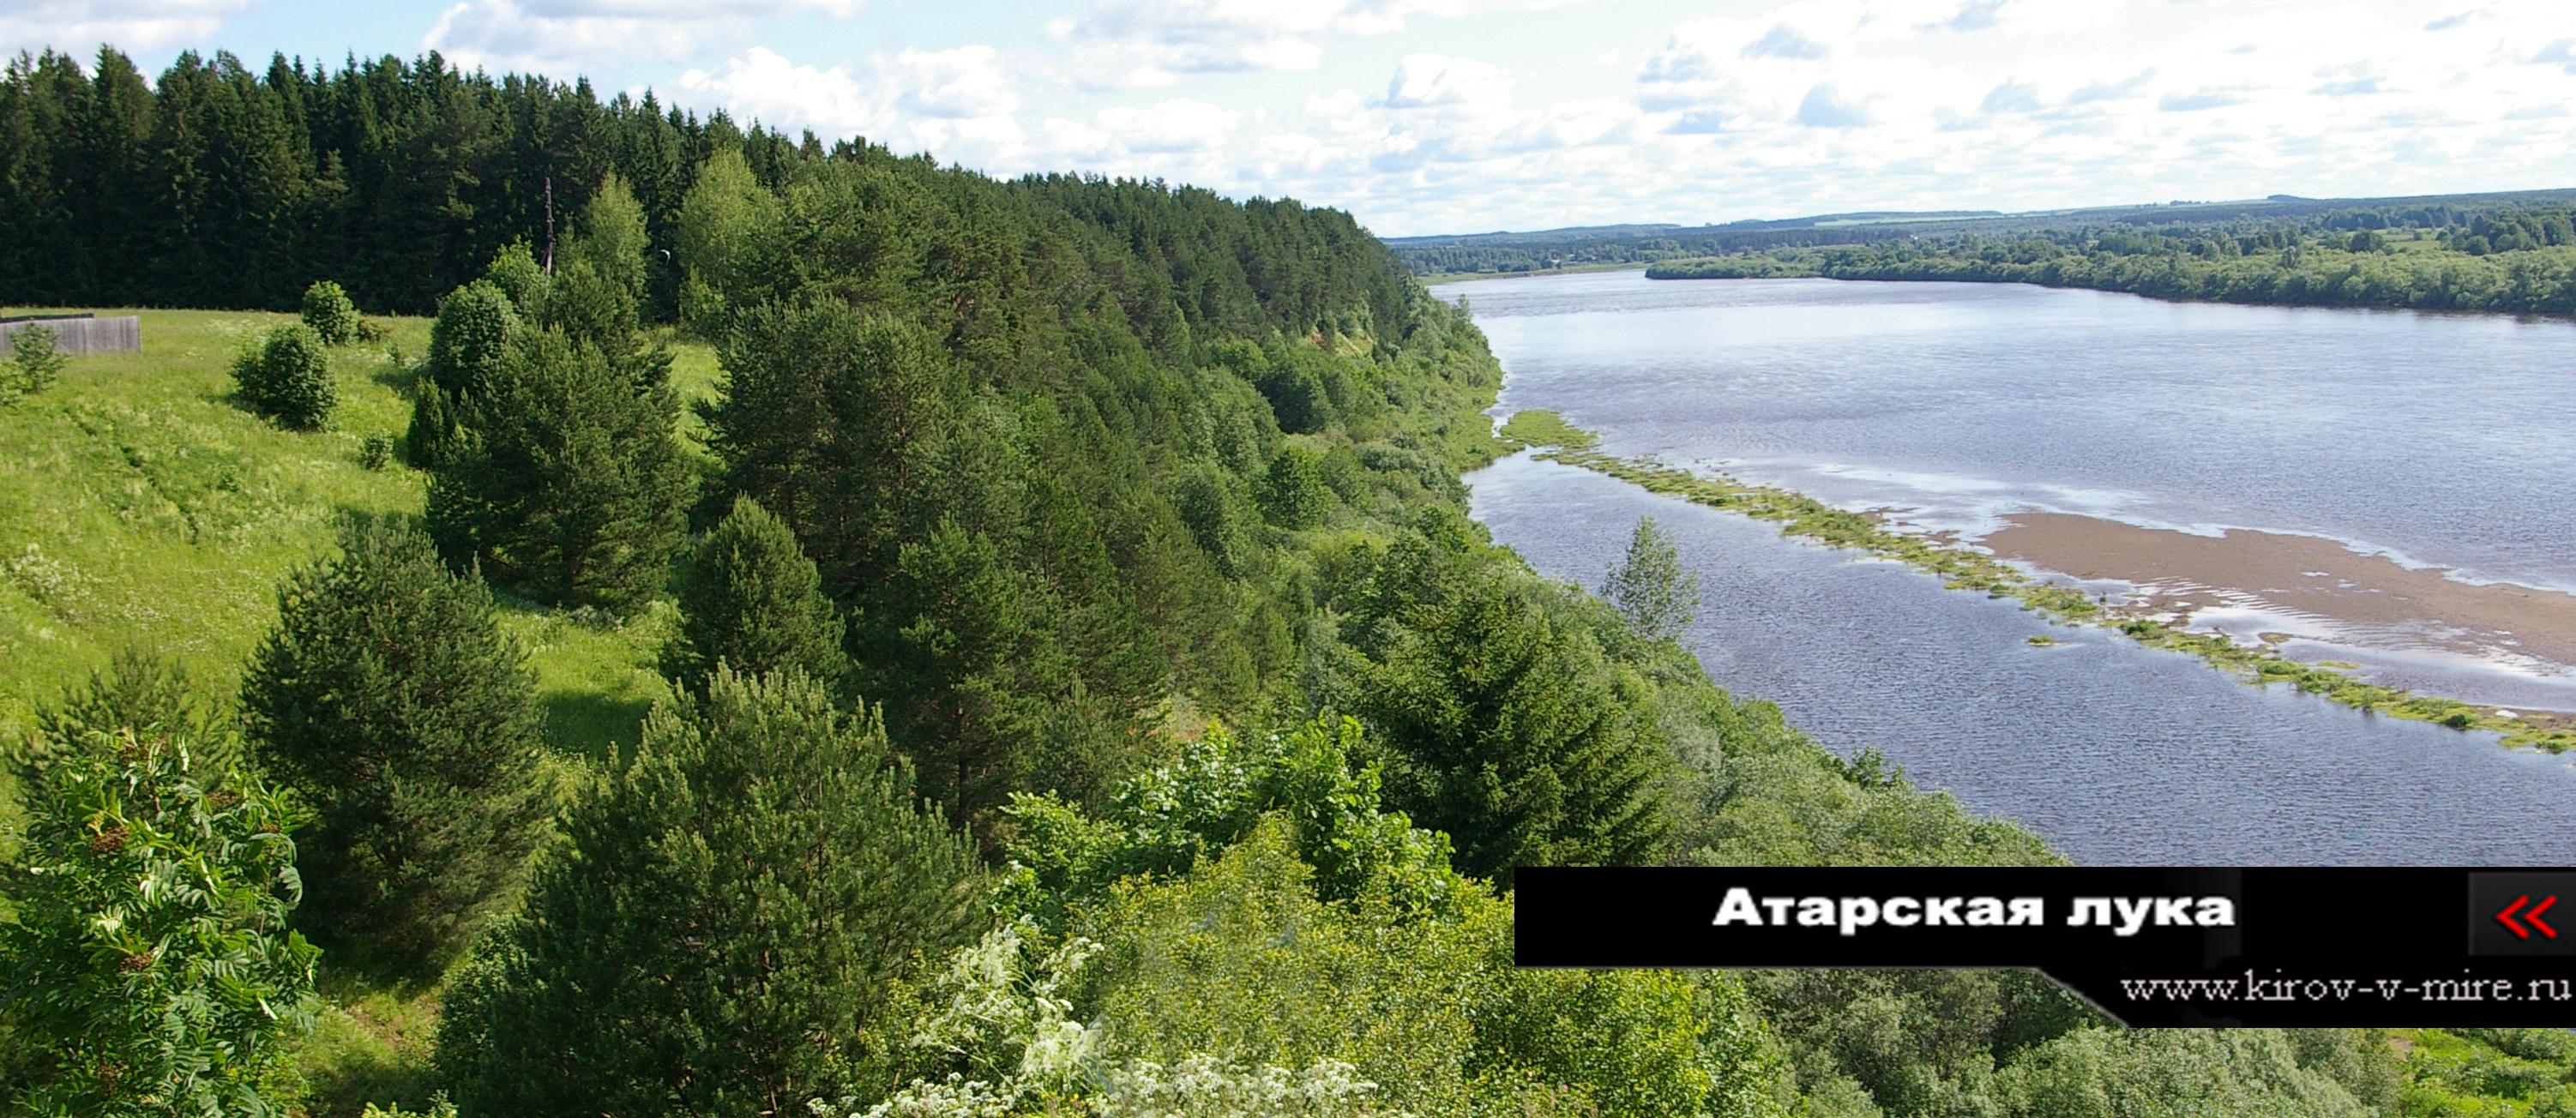 В Кировской области появится национальный парк «Атарская лука».